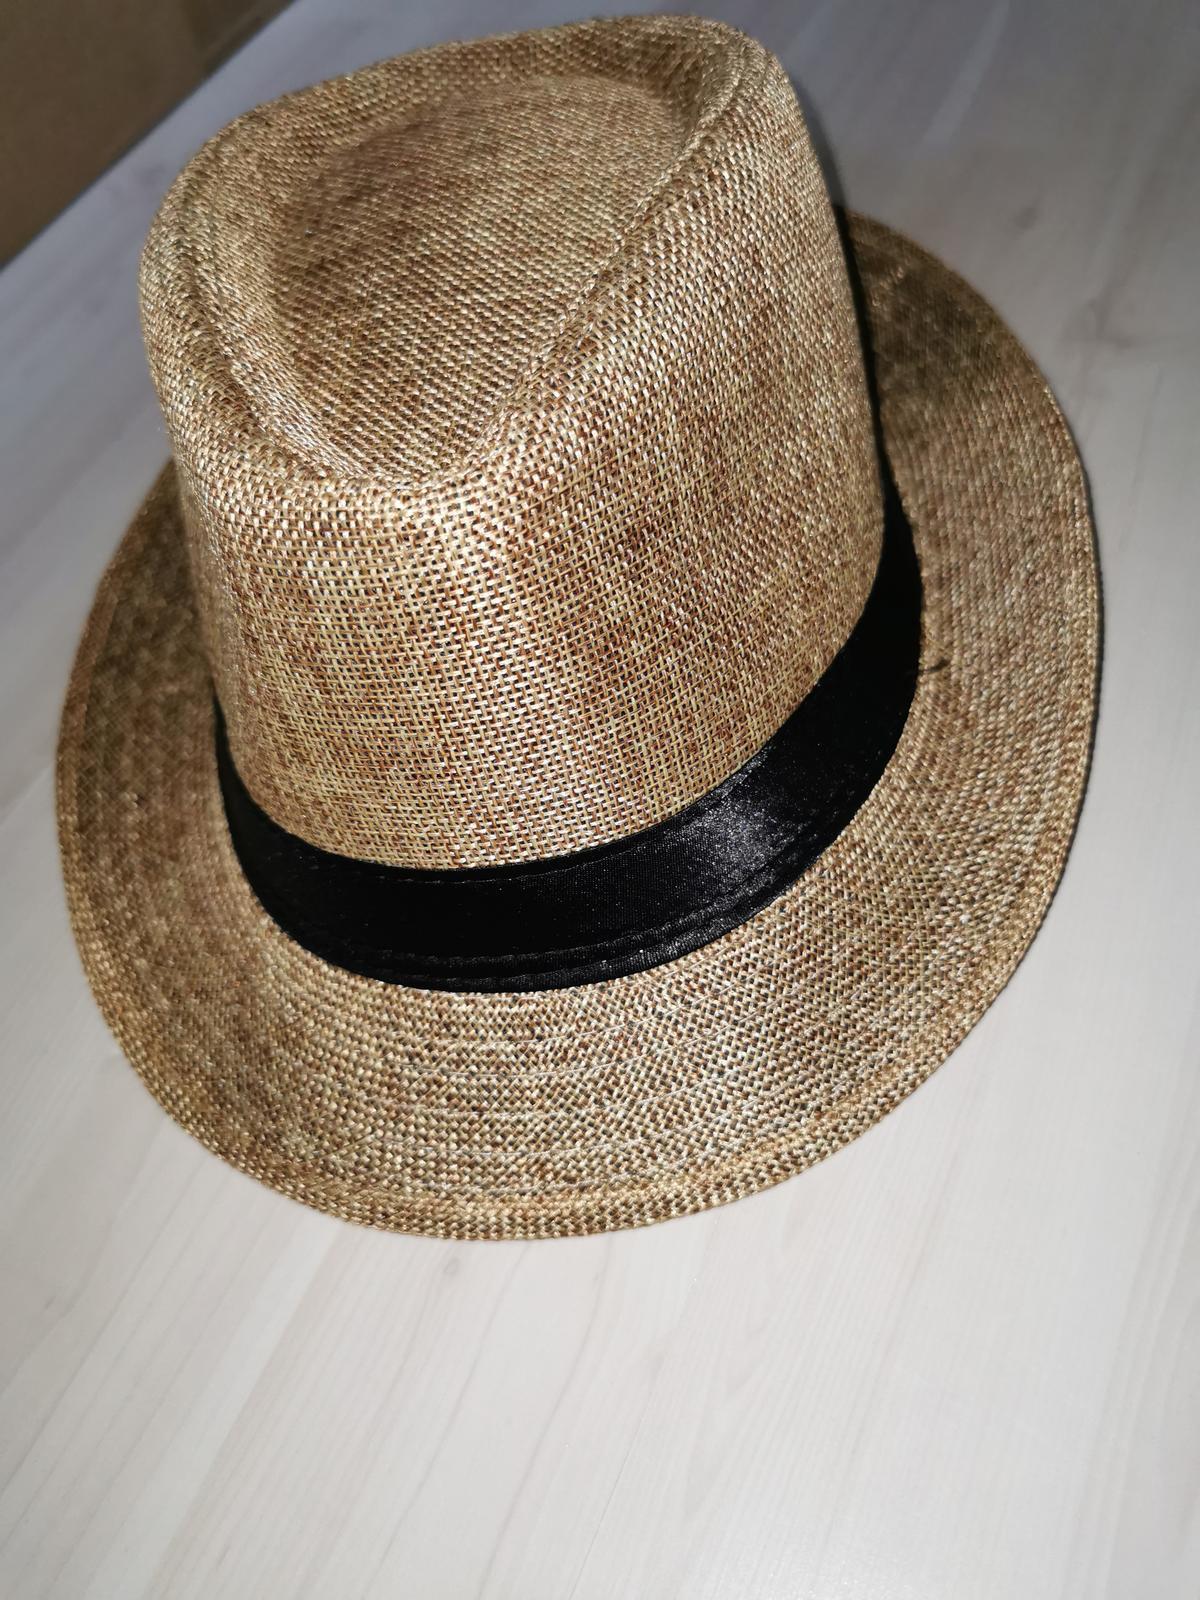 Klobúky na klobúkový tanec - Obrázok č. 1